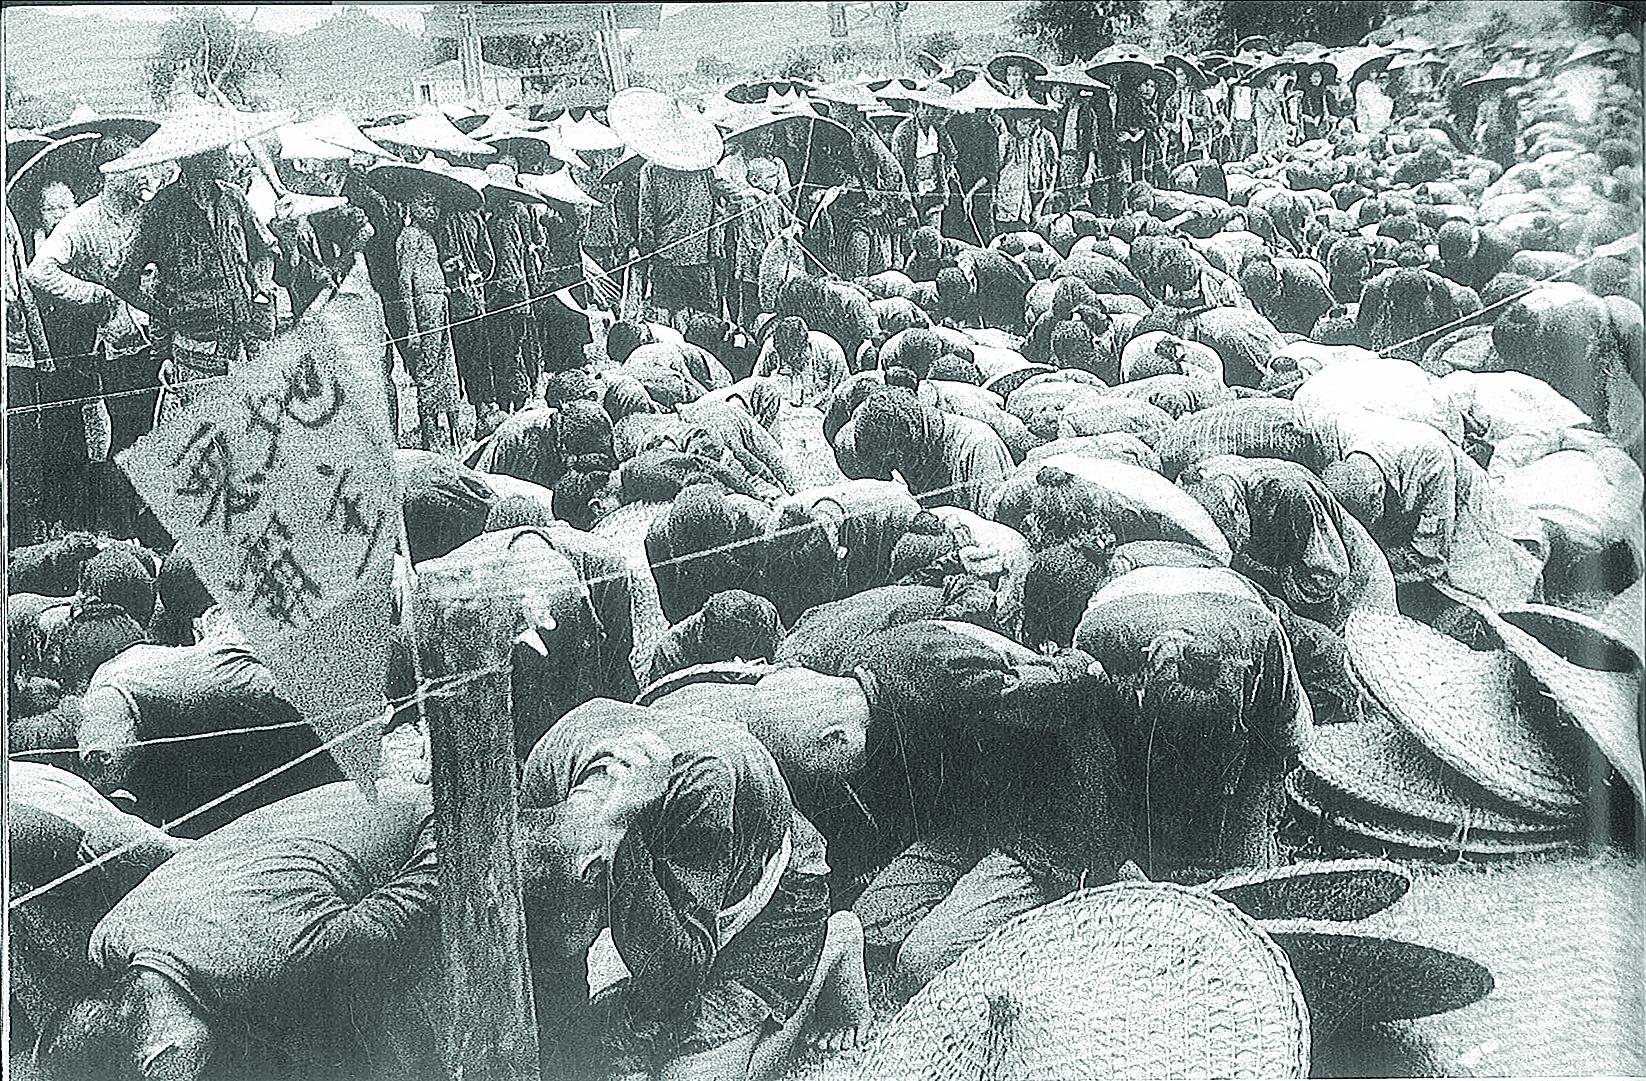 中共為鞏固新政權,發動鎮壓反革命運動和土地改革運動。圖為1951年被清查逮捕的「地主」們。(National Archives)